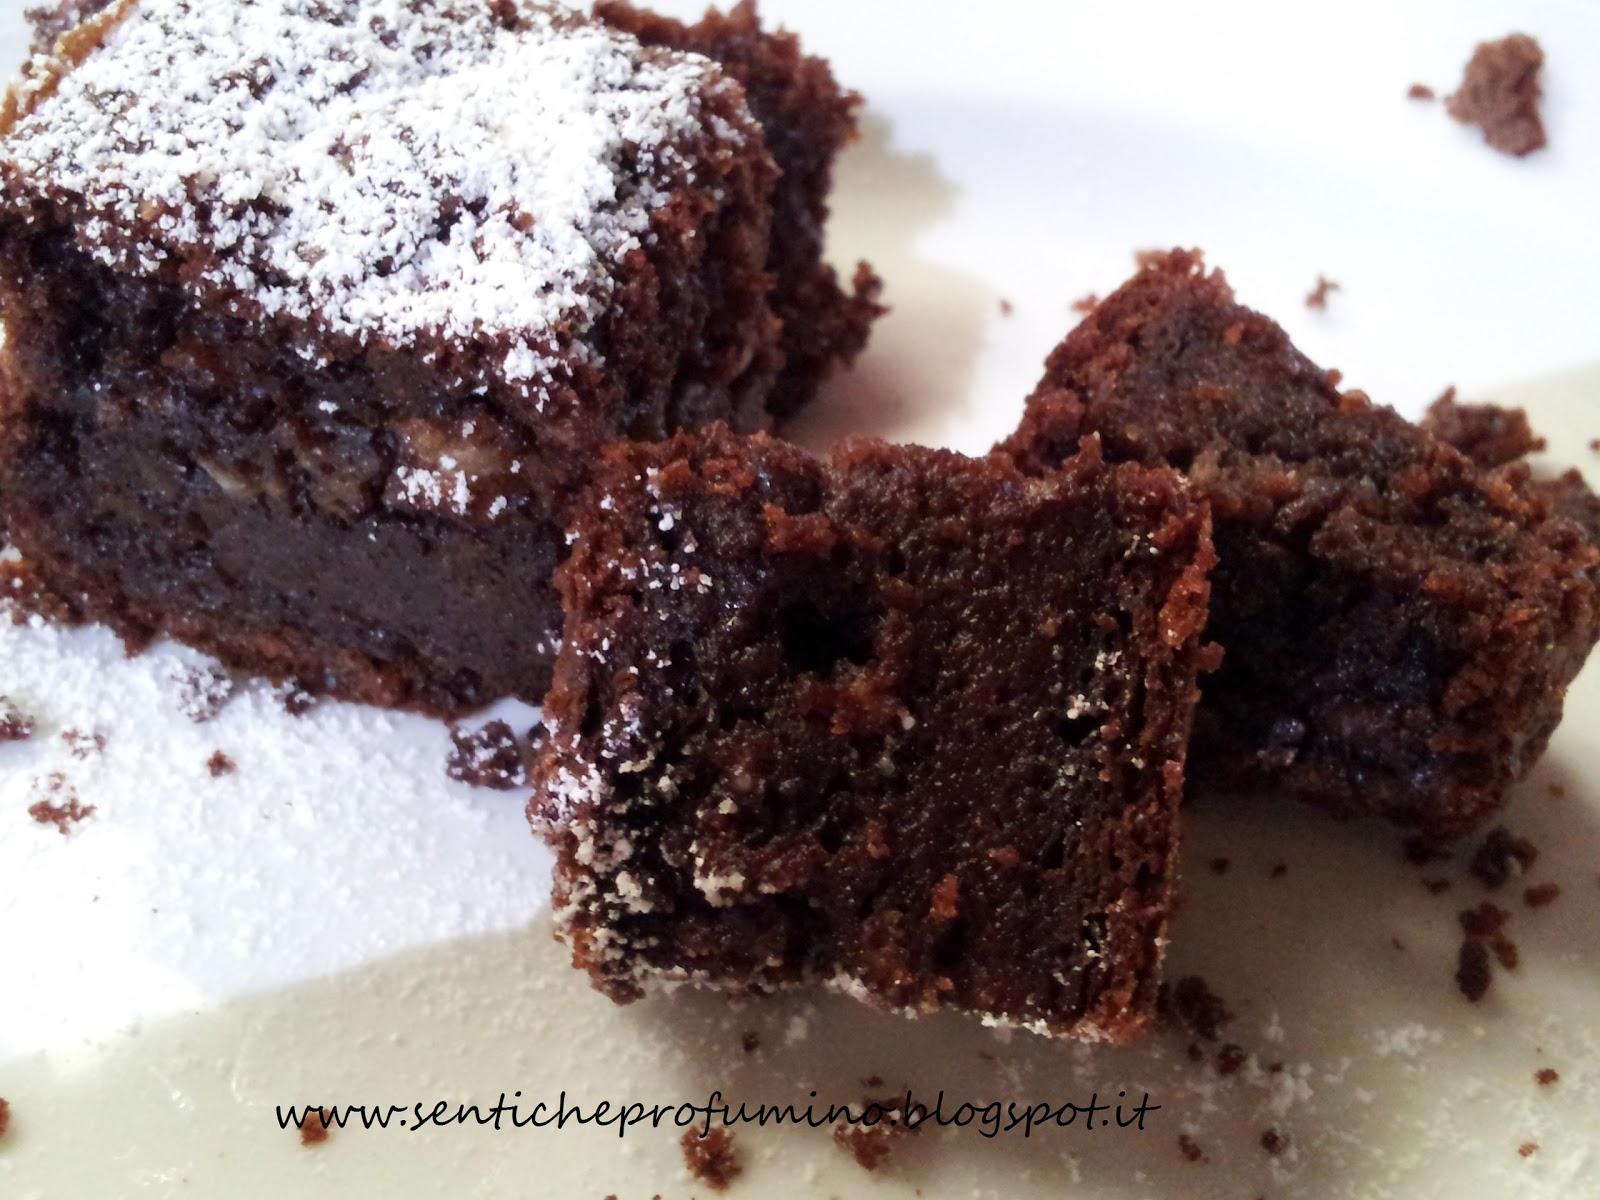 Torta di pane al cioccolato fondente | Senti che profumino